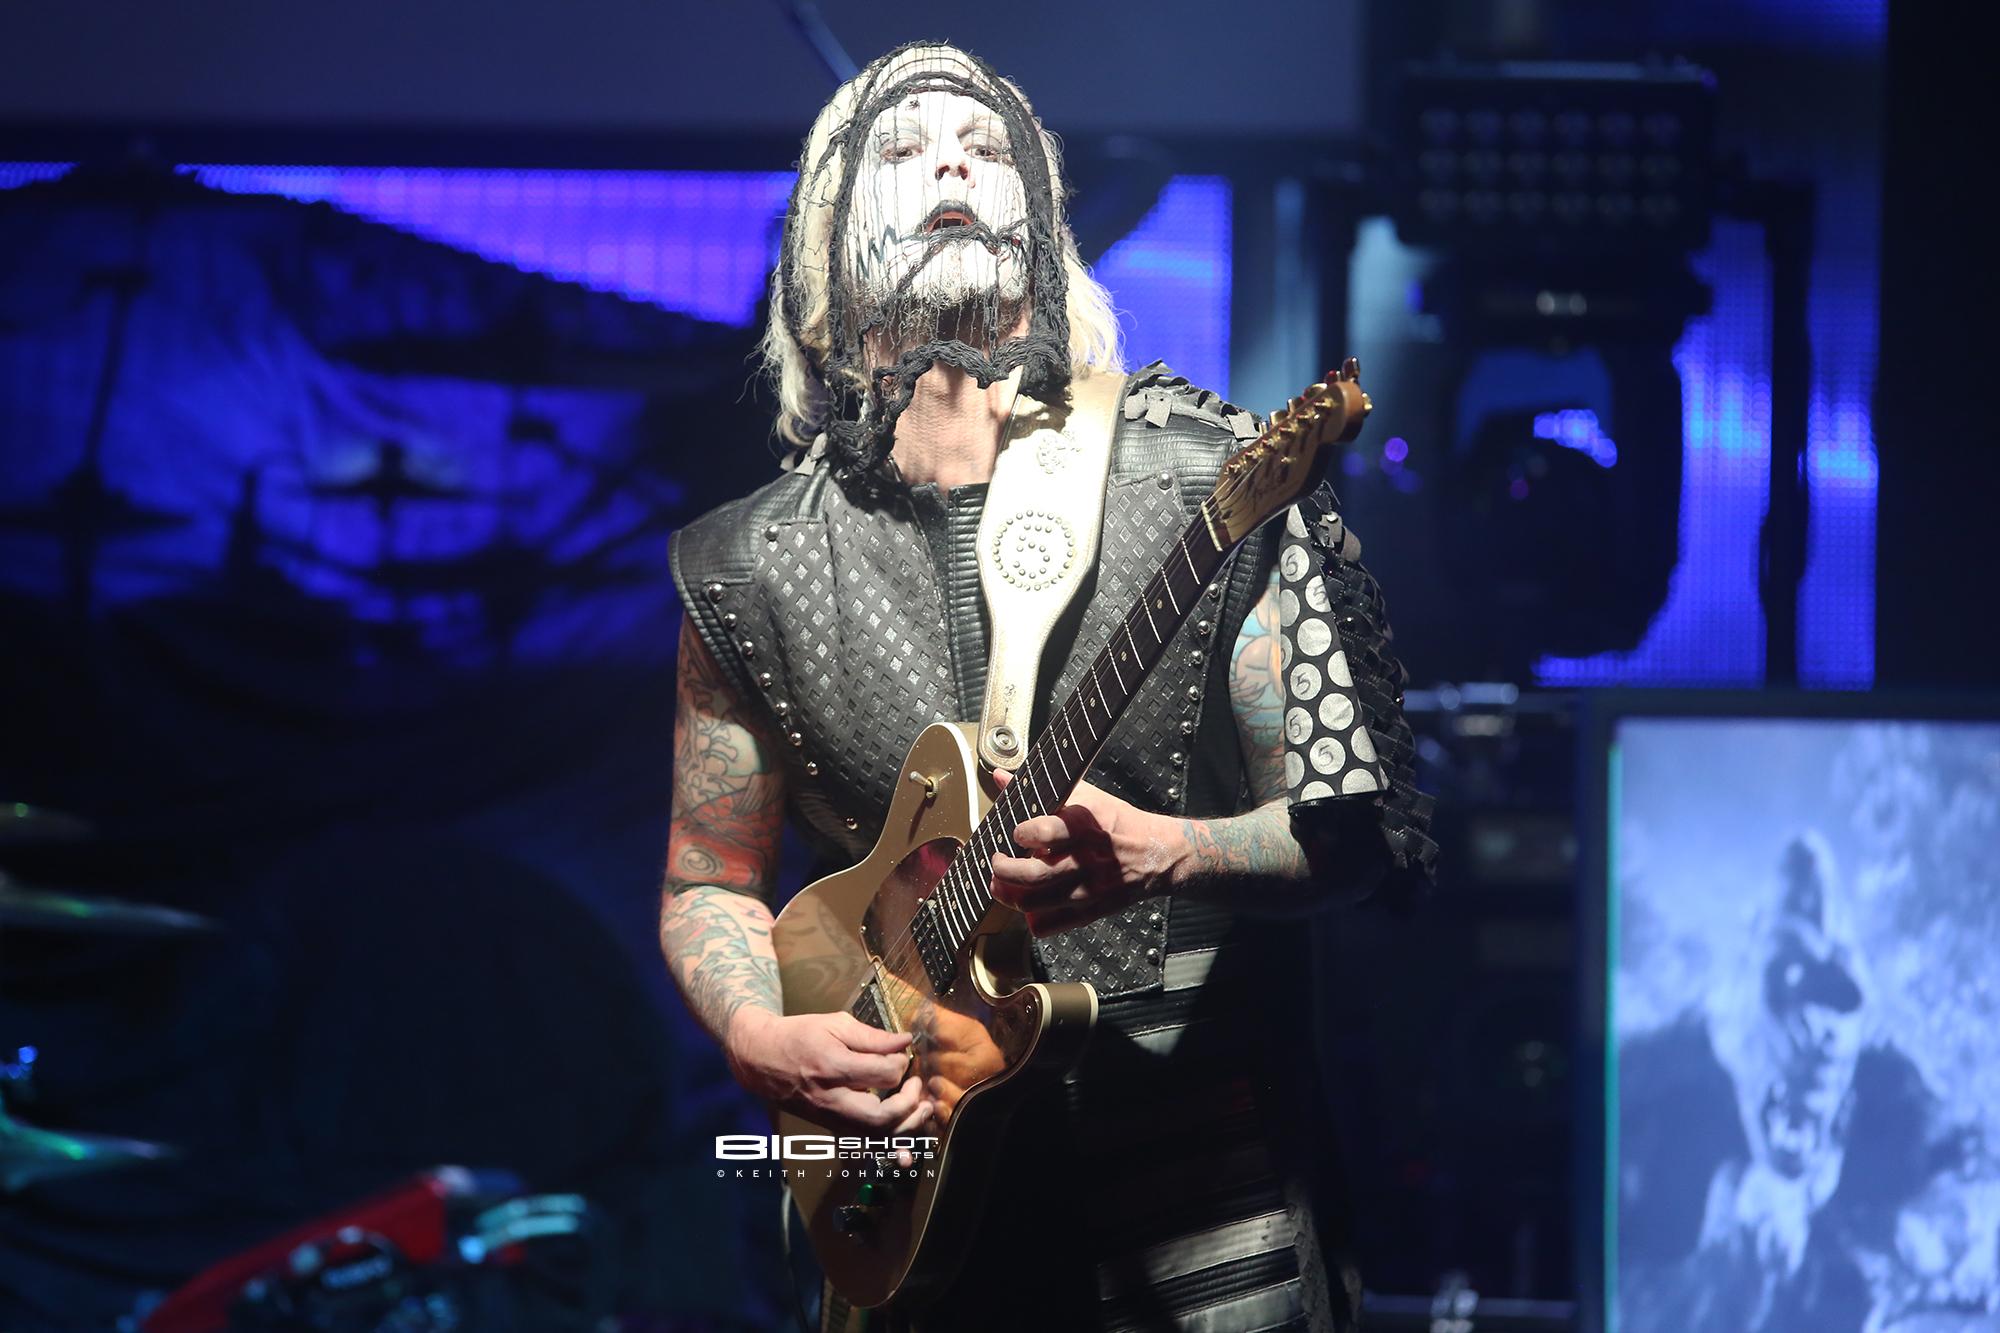 John 5 Tour January 2020